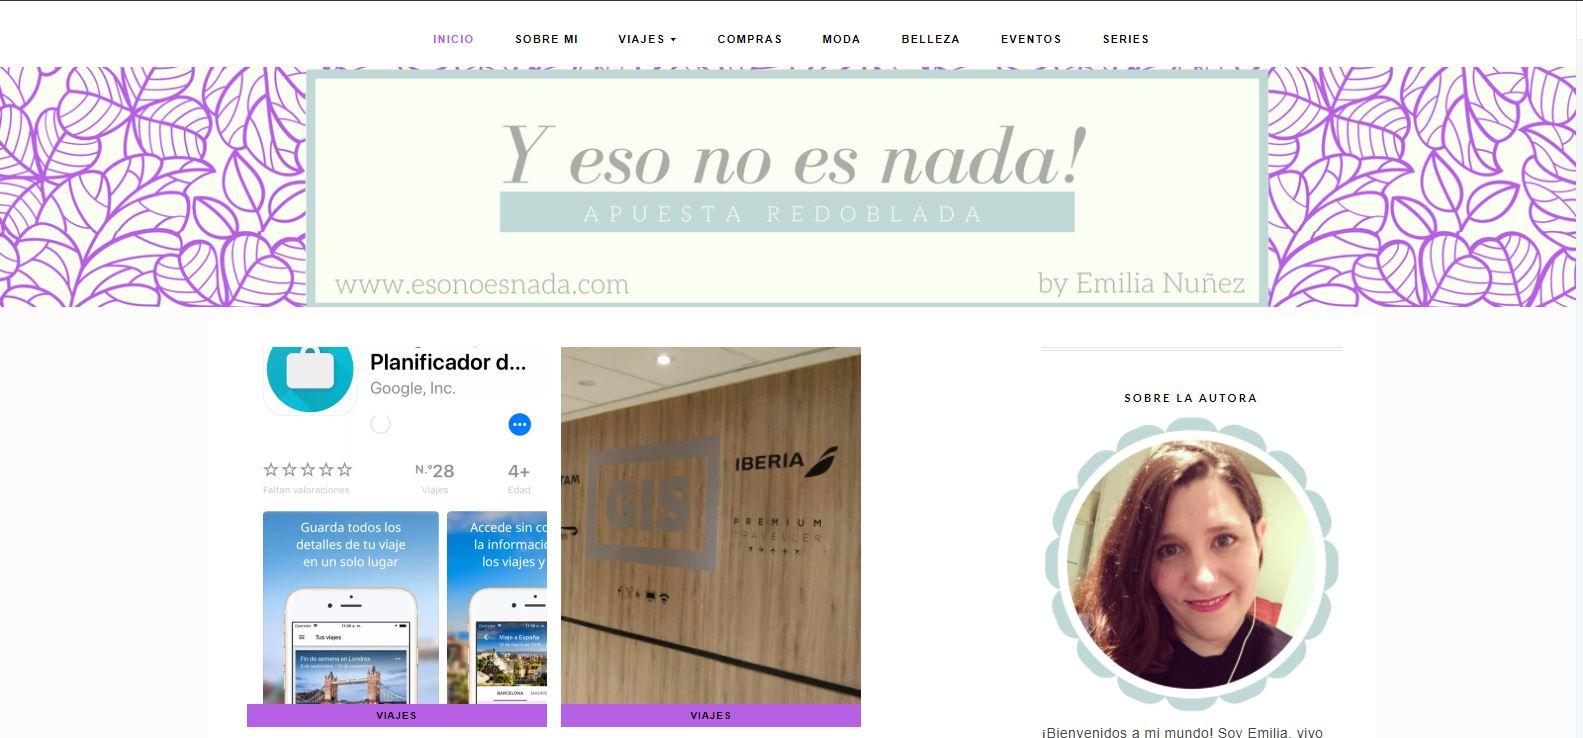 blog - Cambio de Imagen del Blog